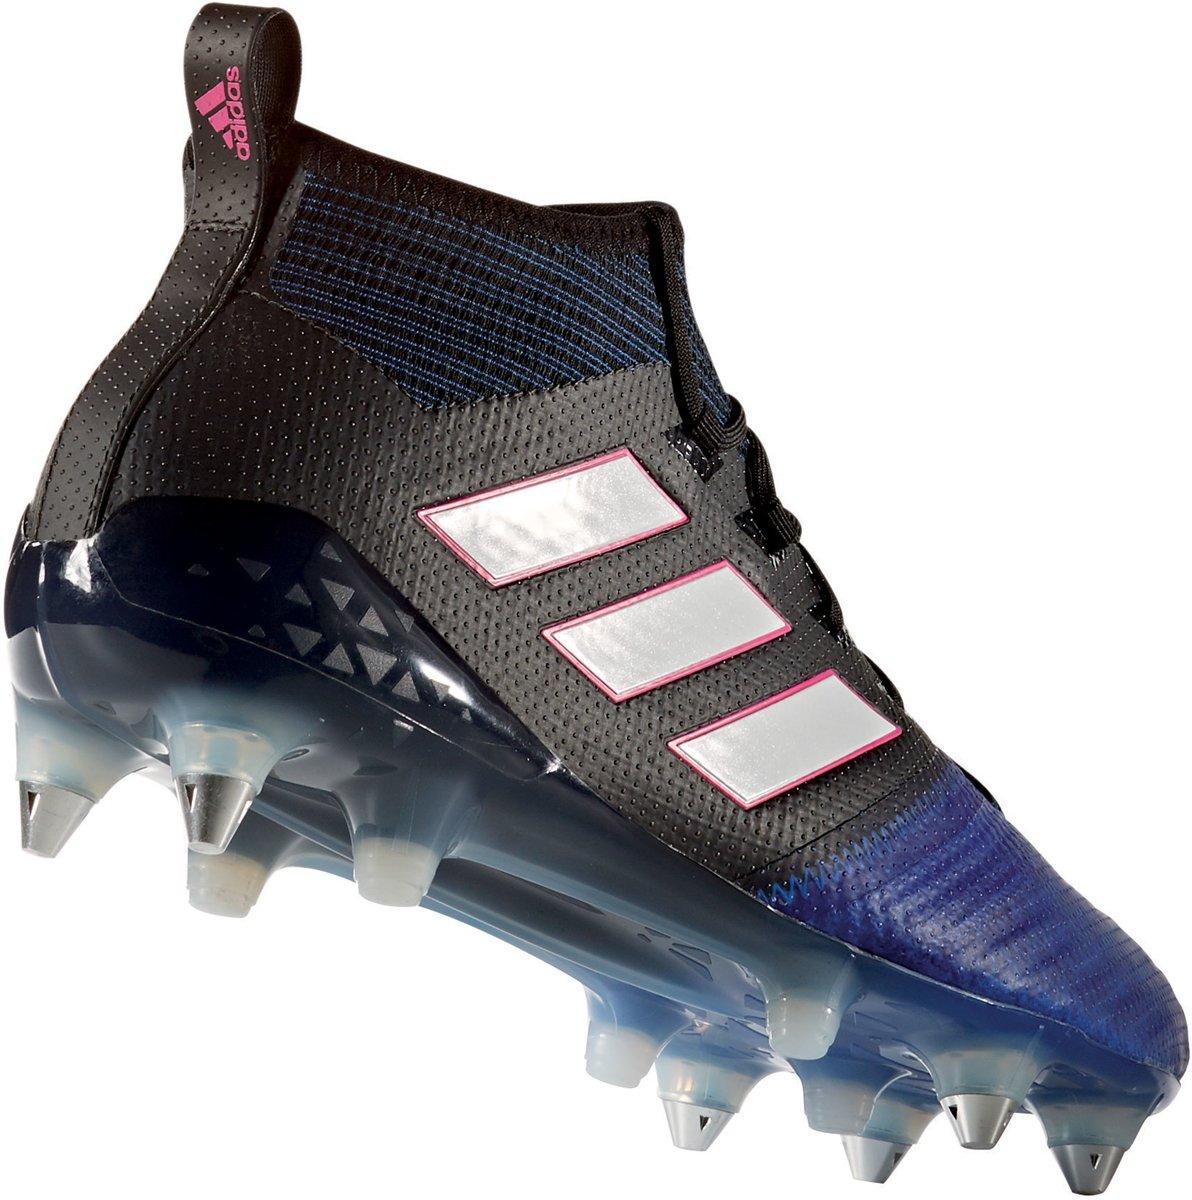 best sneakers b2c52 ac092 bol.com  adidas ACE 17.1 Primeknit Sportschoenen - Maat 41 13 - Mannen -  blauwzwart